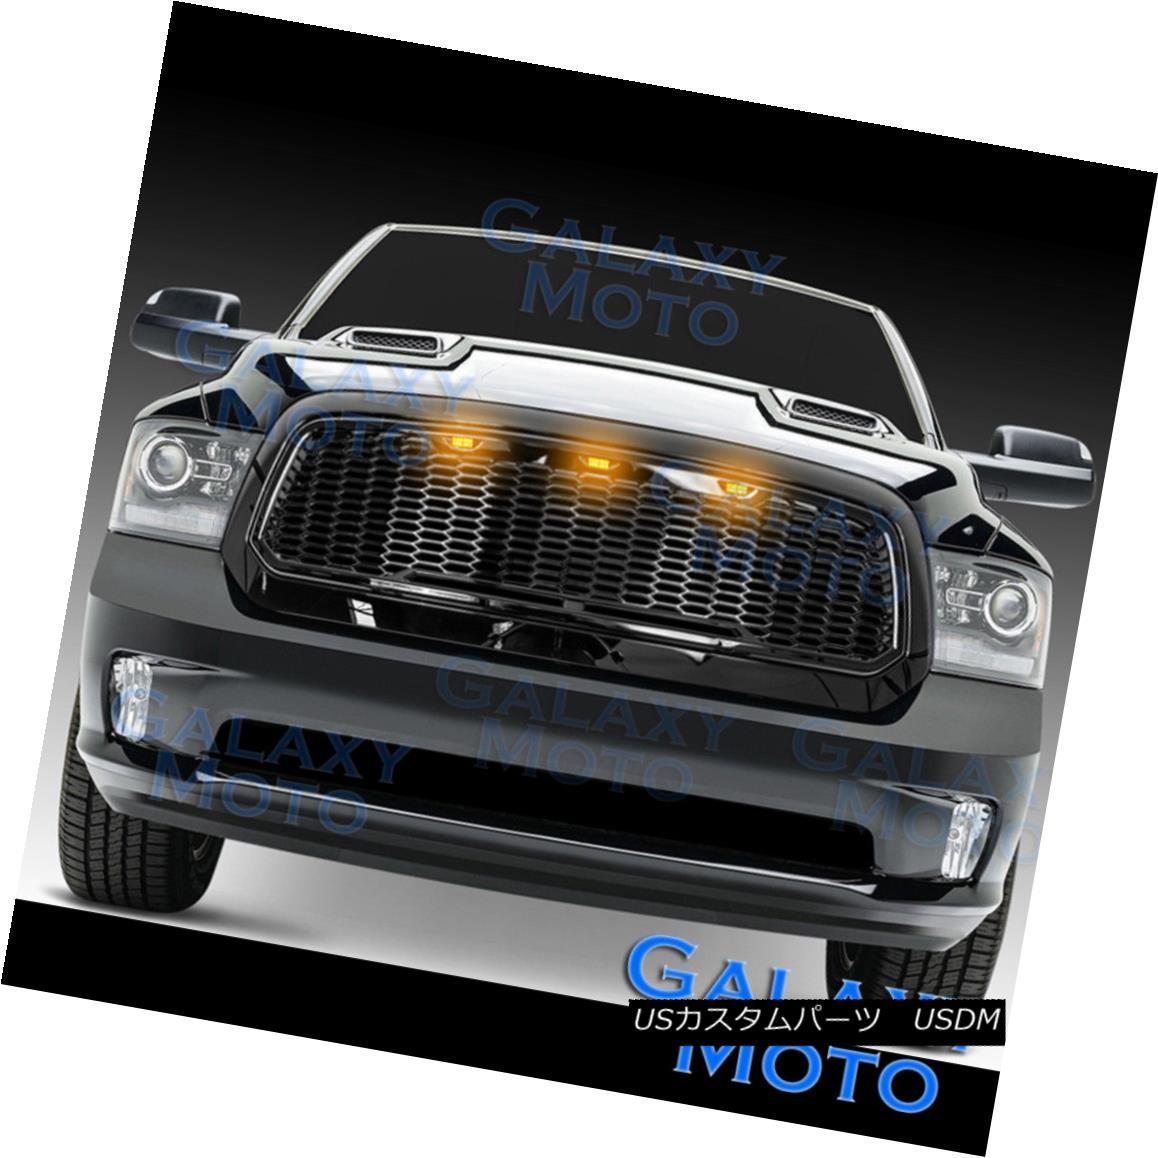 グリル 13-17 Dodge RAM Raptor Style Gloss Black Replacement Mesh Grille+Shell+Amber LED 13-17ドッジRAMラプタースタイルグロスブラック交換メッシュグリル+シェル+ A mber LED